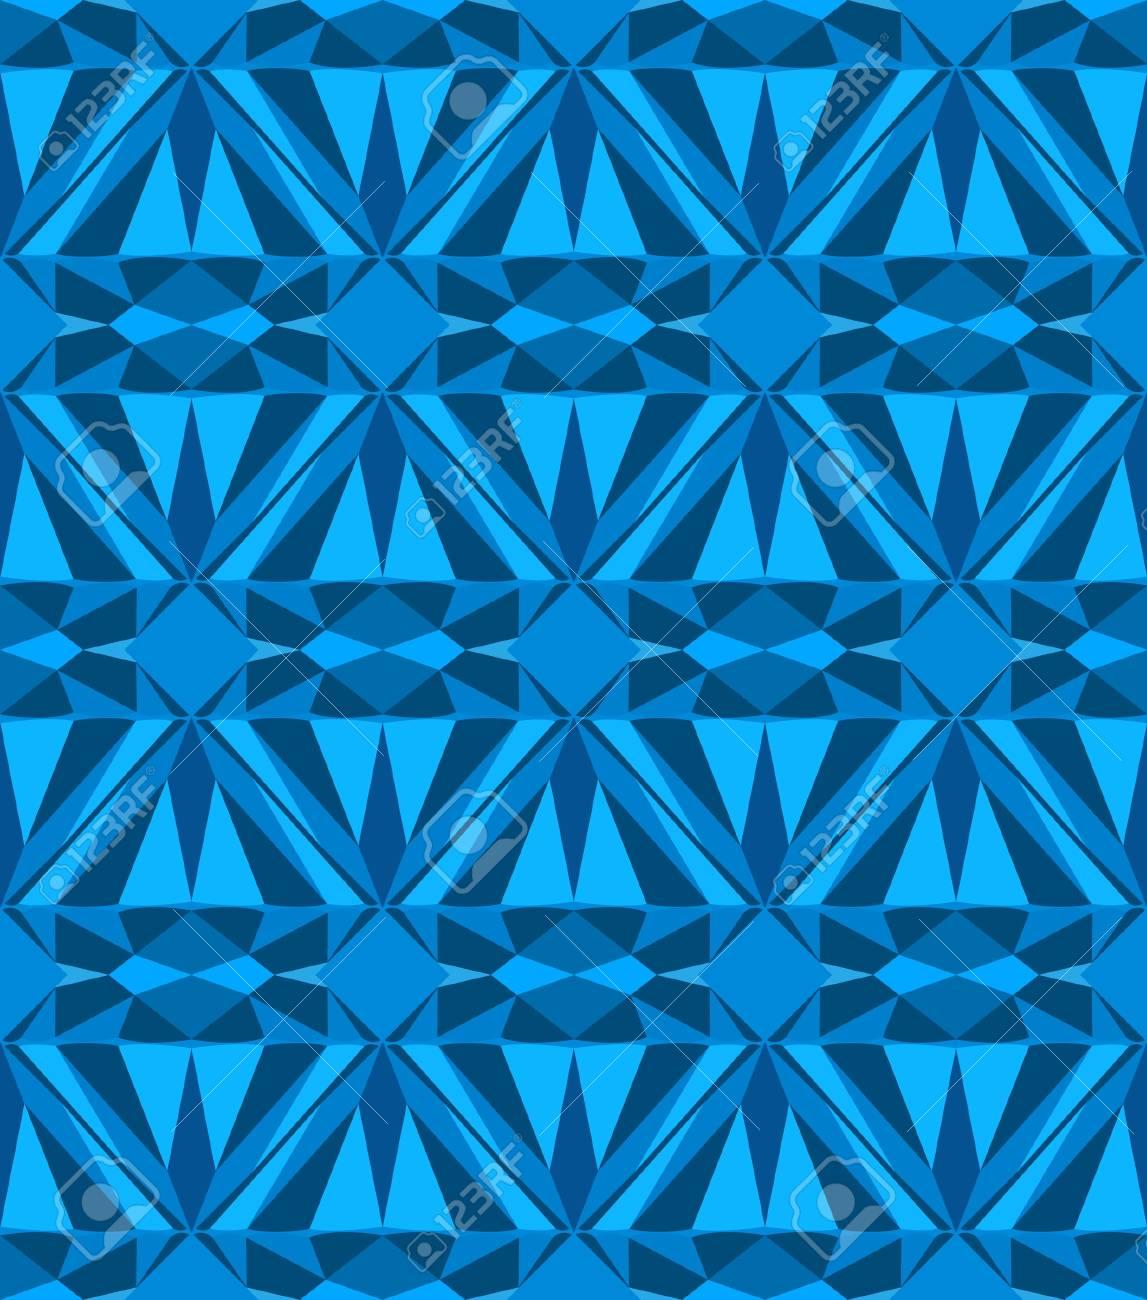 Blue diamond seamless pattern. Vector illustration. Stock Vector - 16219337